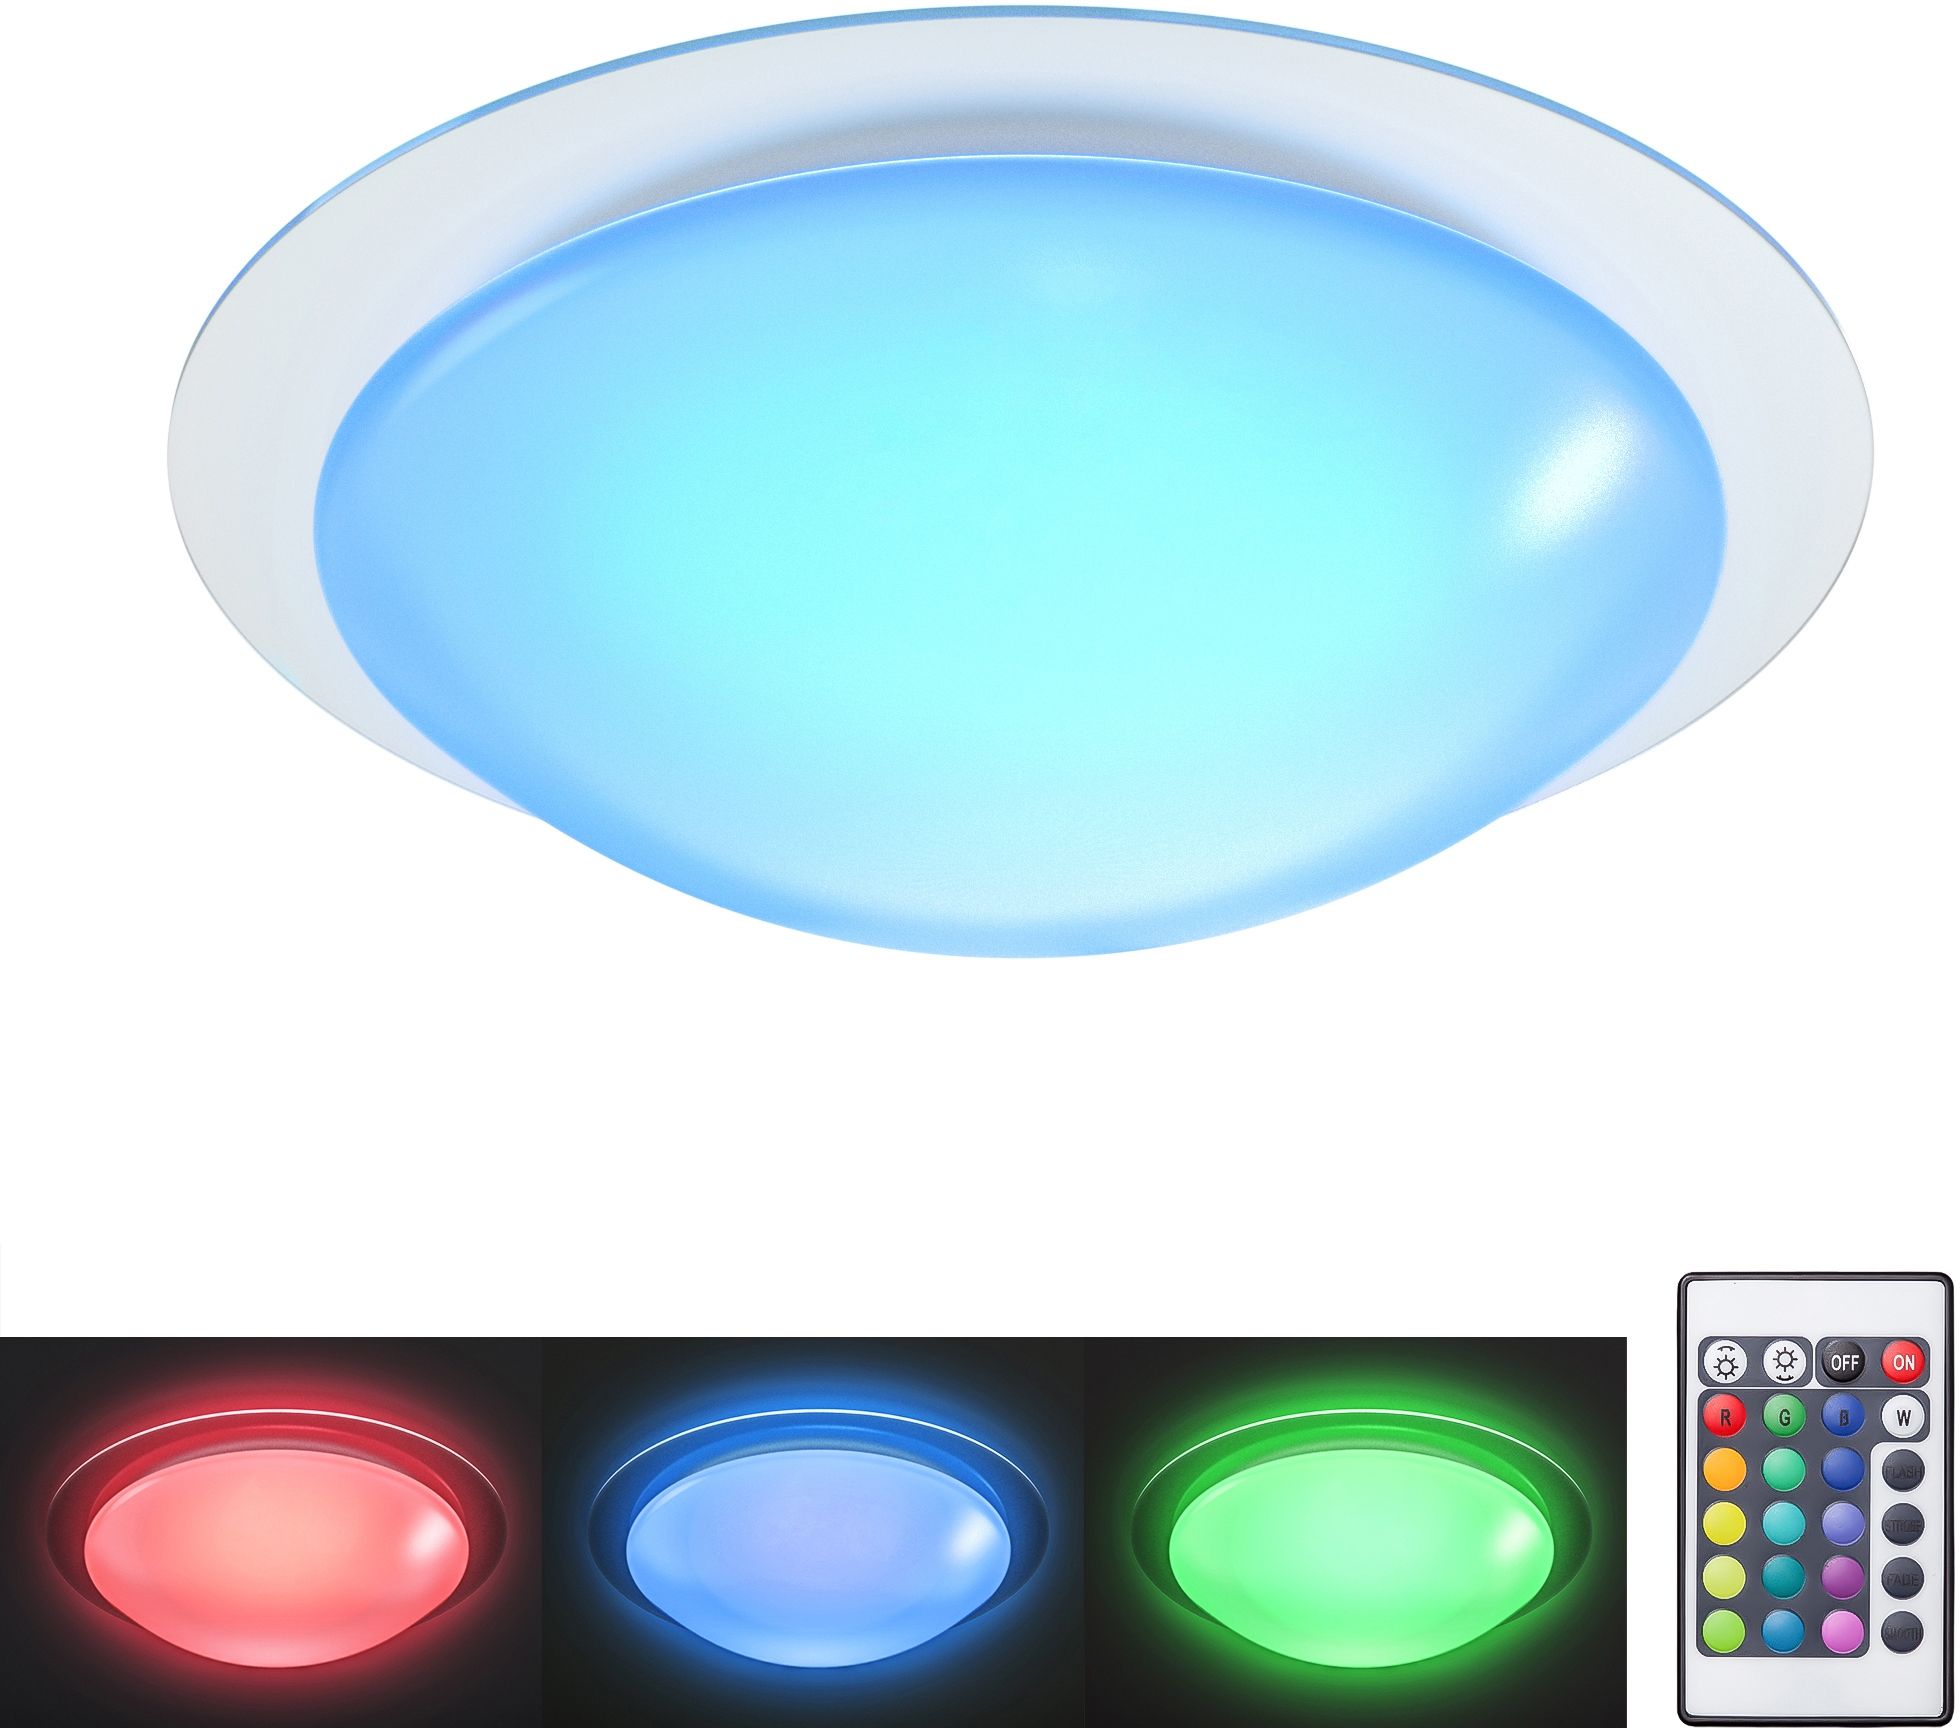 B.K.Licht LED Deckenleuchte Askella, LED-Board, Warmweiß-Farbwechsler, LED Deckenlampe dimmbar RGB Funktion inkl. 12 W LED 800 Lumen Warmweiß IP44